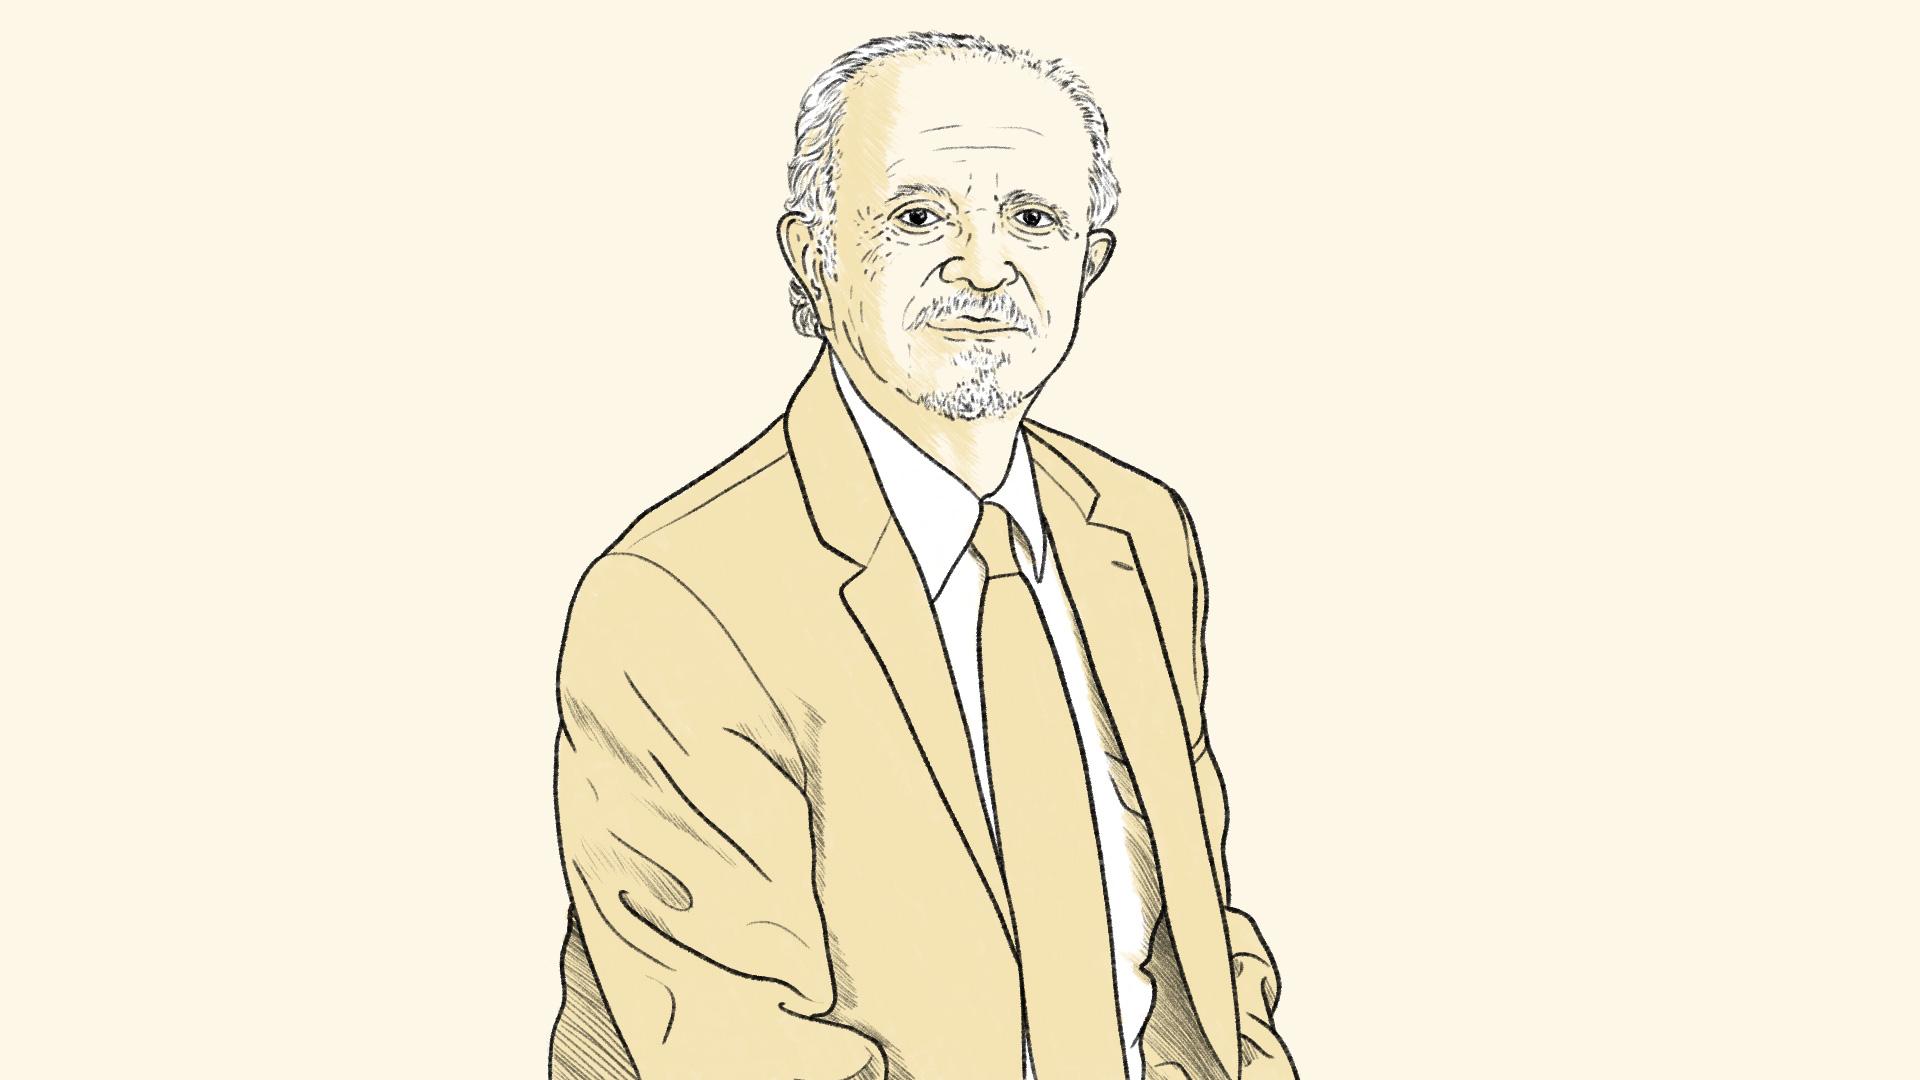 Muere Mario Molina, Premio Nobel de Química, a los 77 años